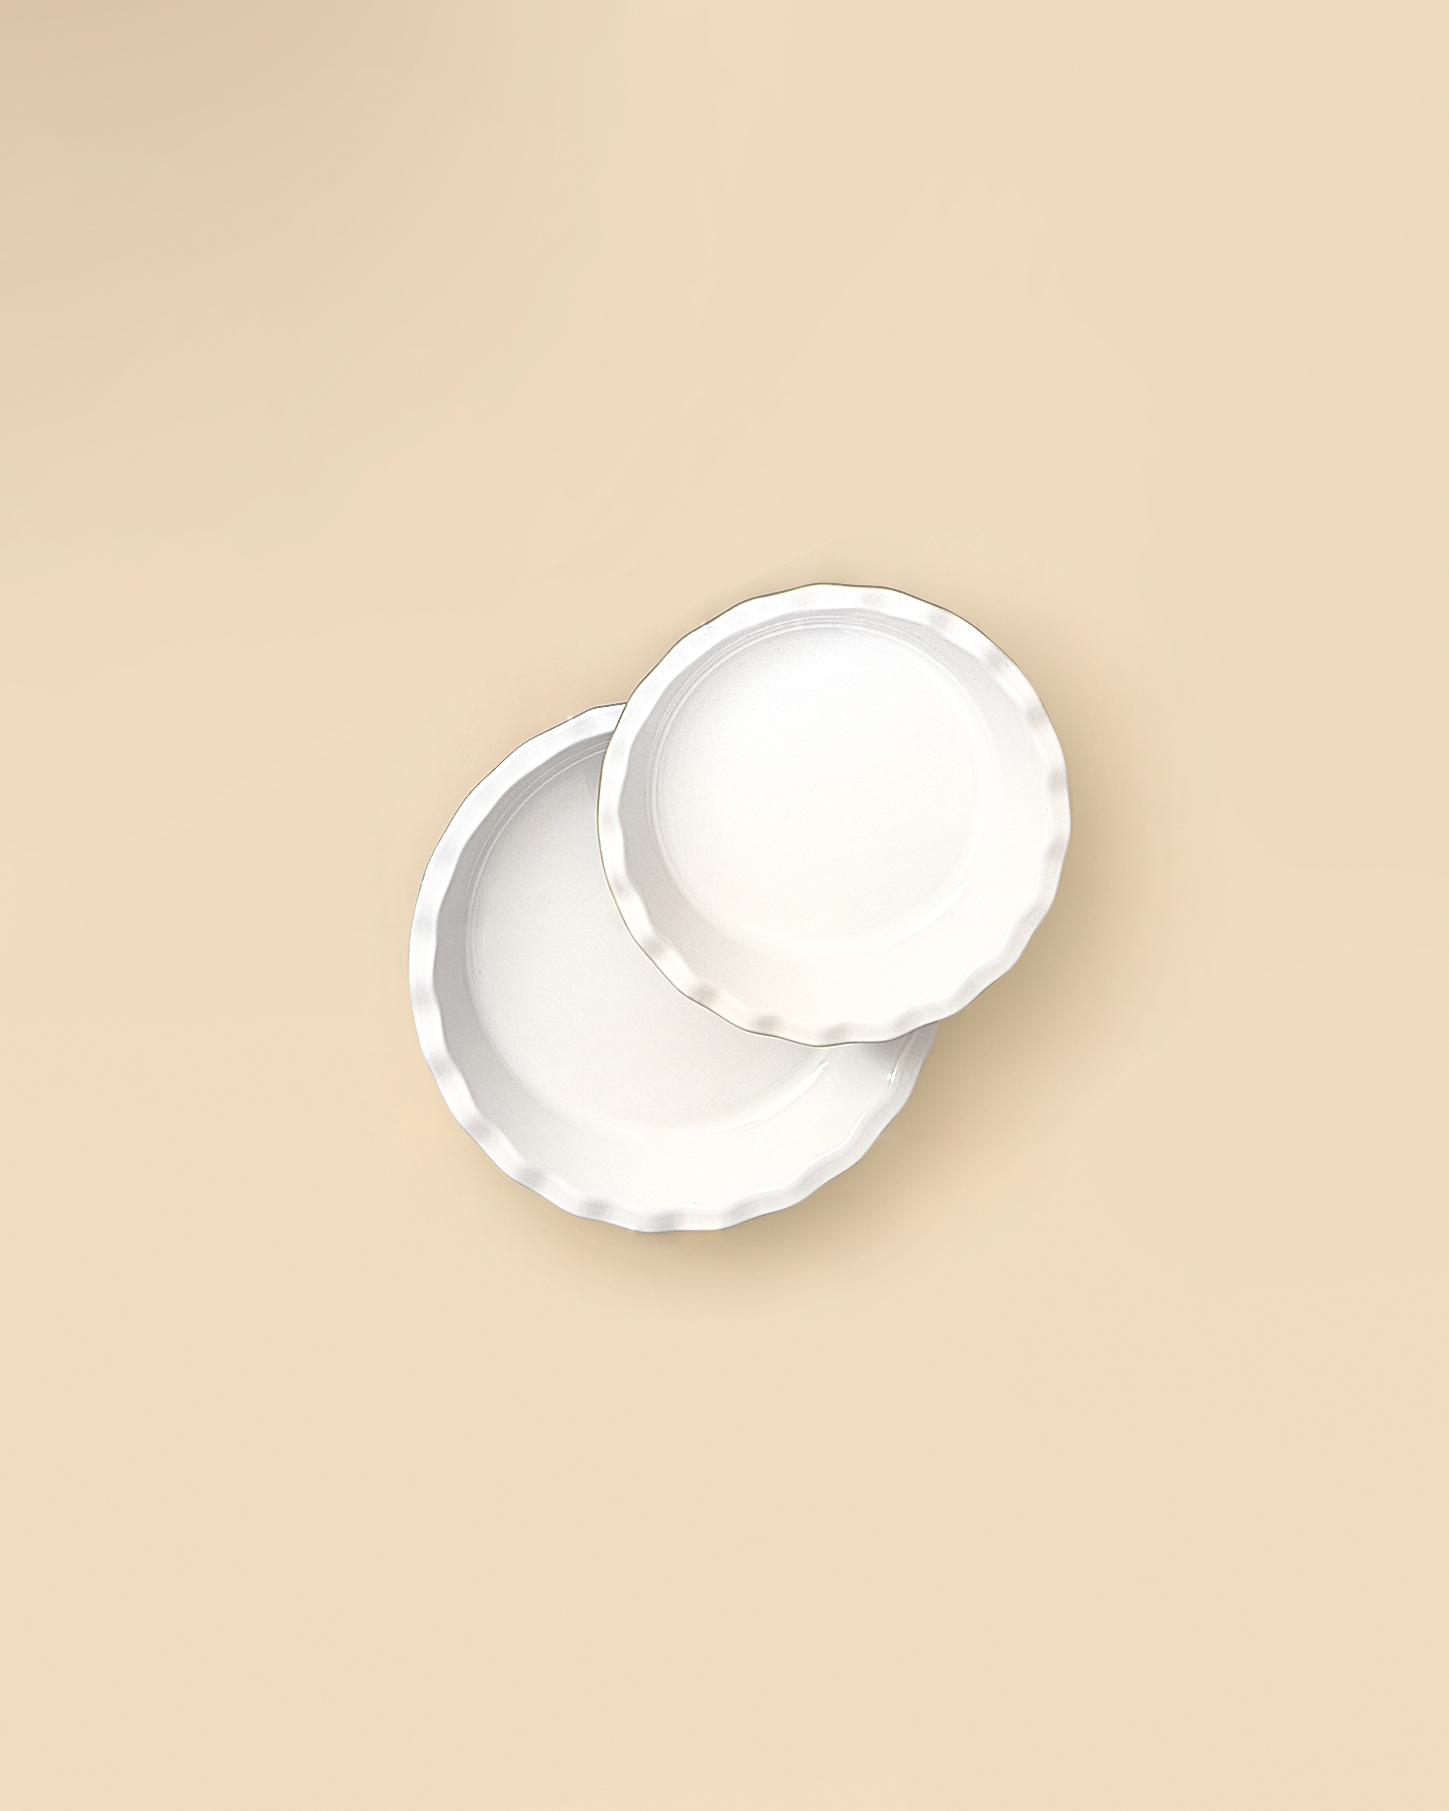 modern-trousseau-pie-plates-mwd108878.jpg